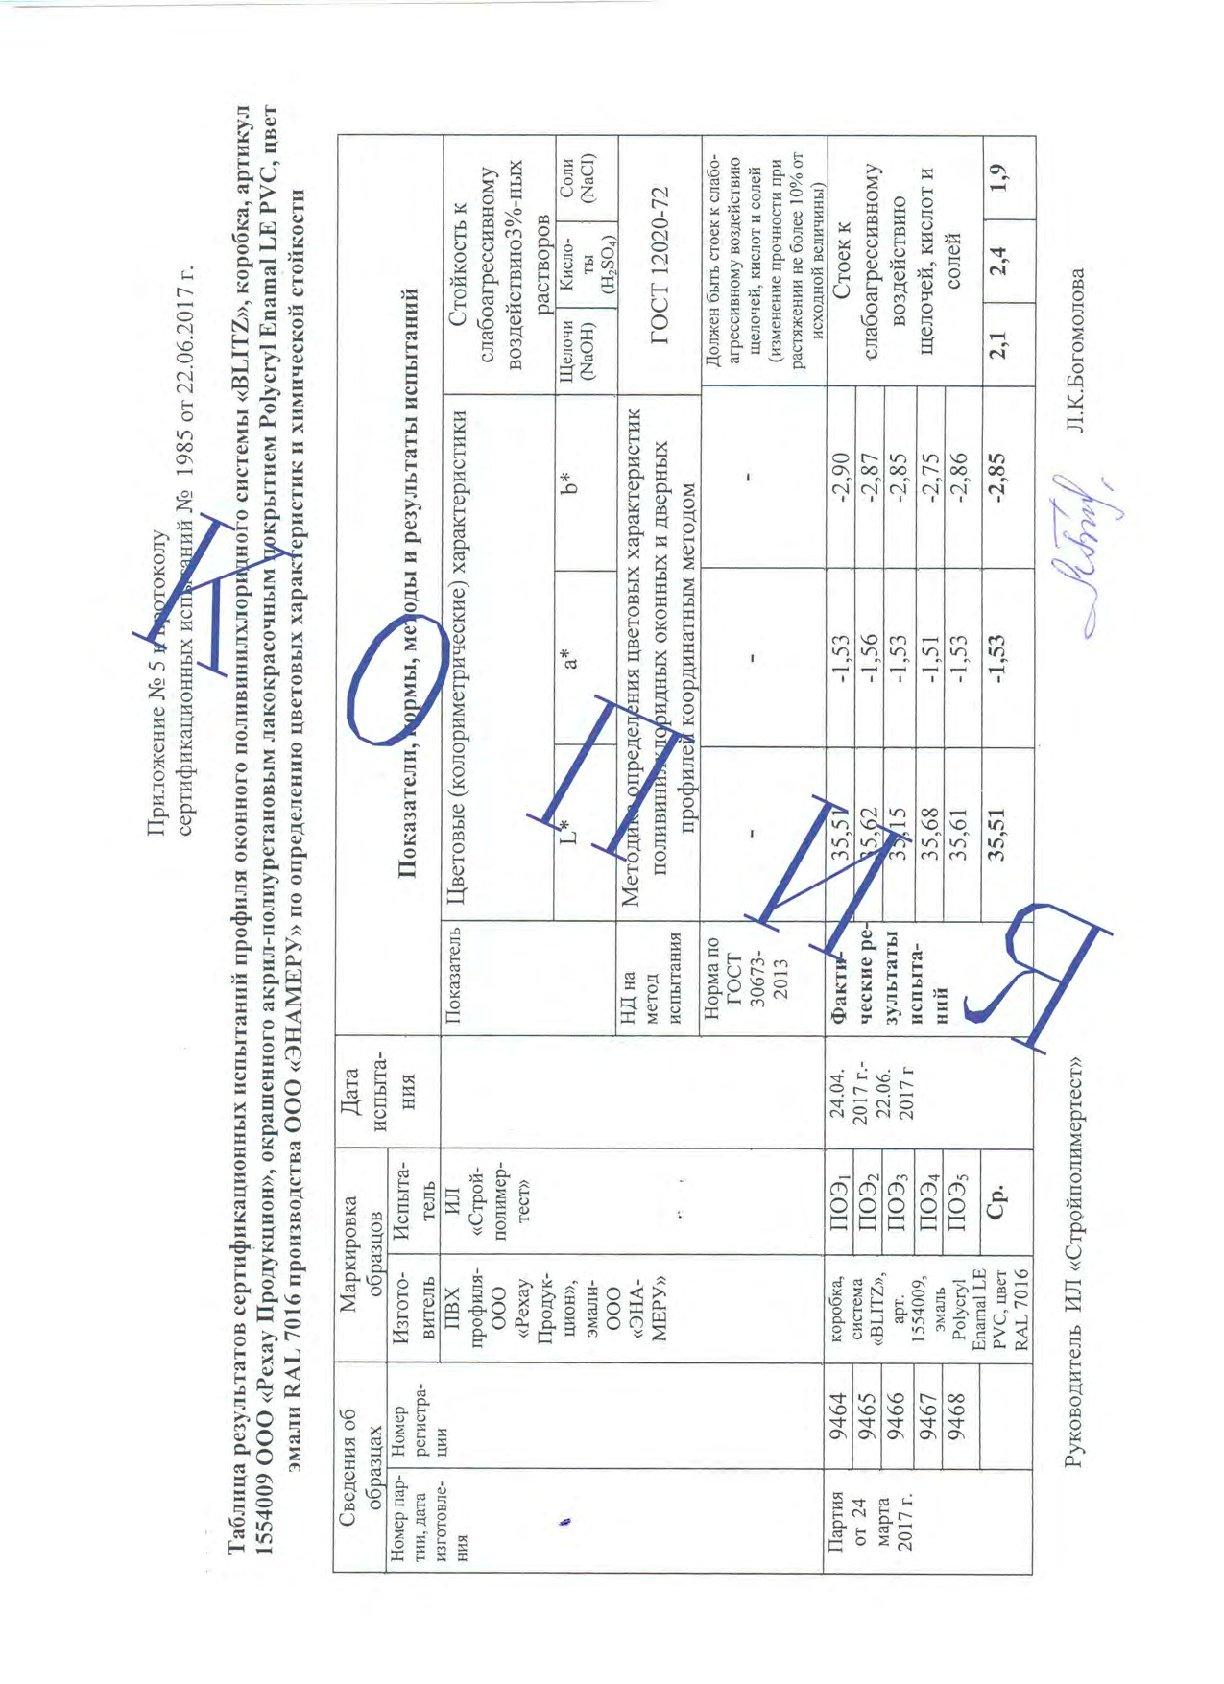 enameru-gost-30973-rehau-copy-009